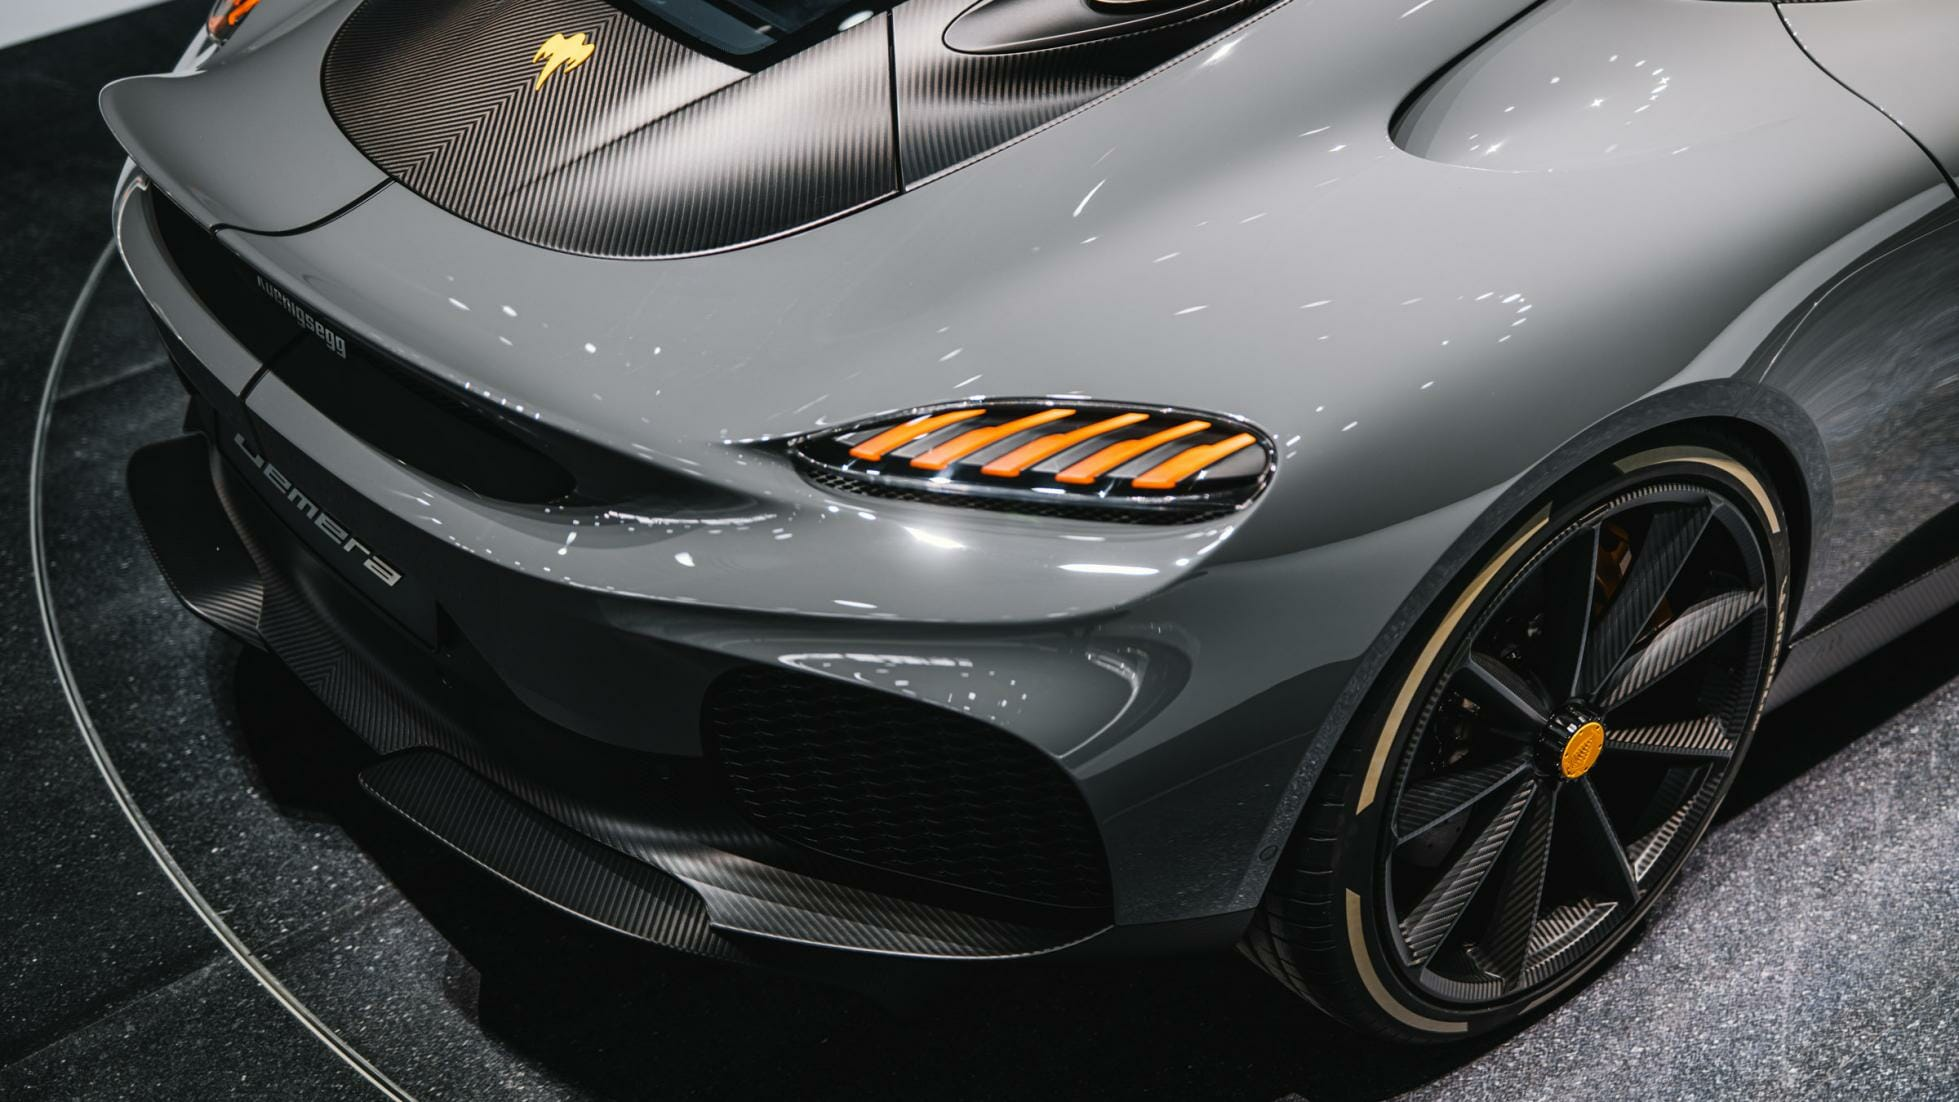 Koenigsegg Gemera - Image 8